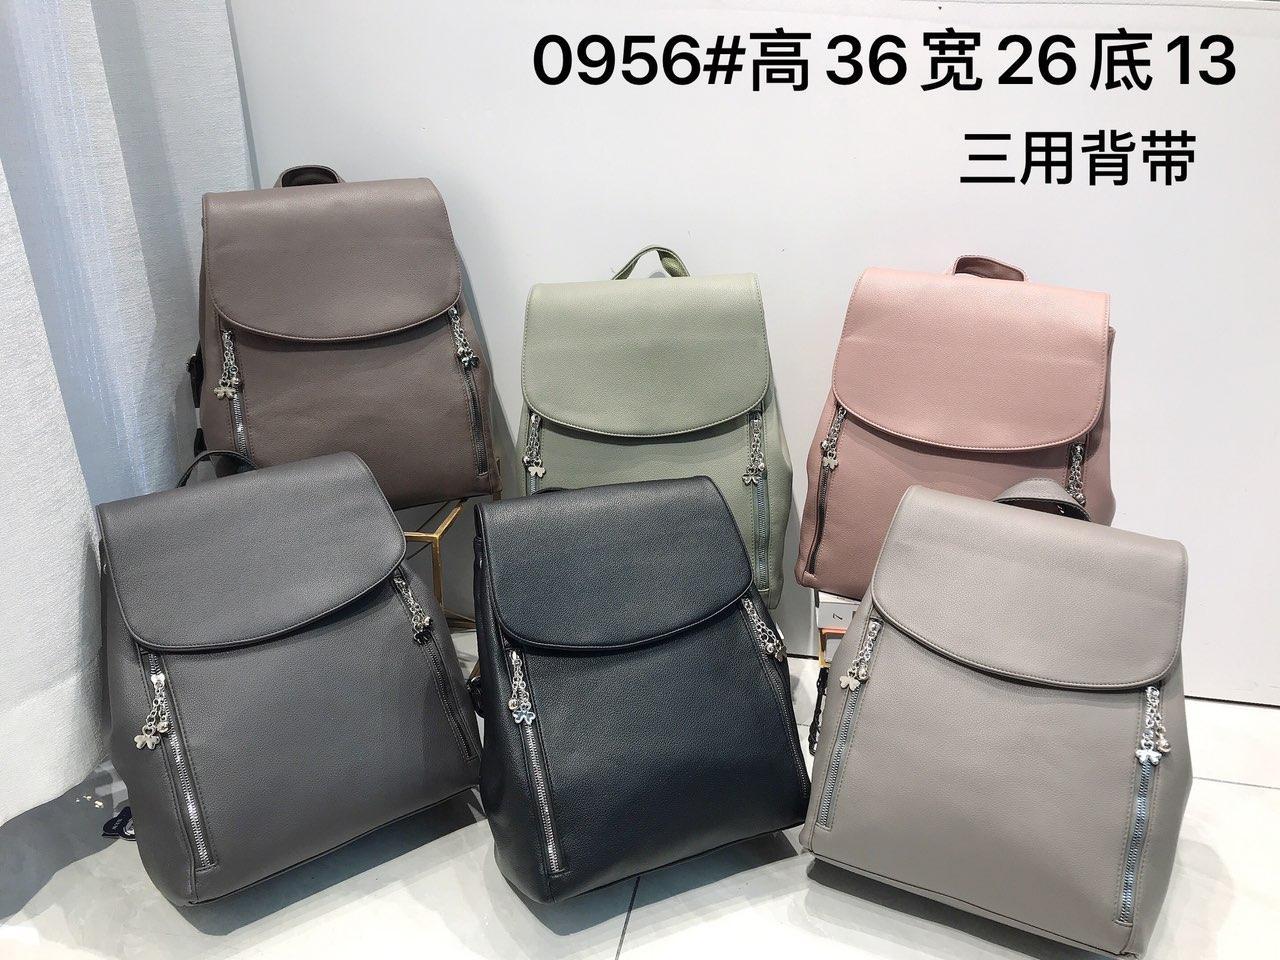 Рюкзак жіночий міський на блискавці штучна шкіра 36*26 см в різних кольорах Mark